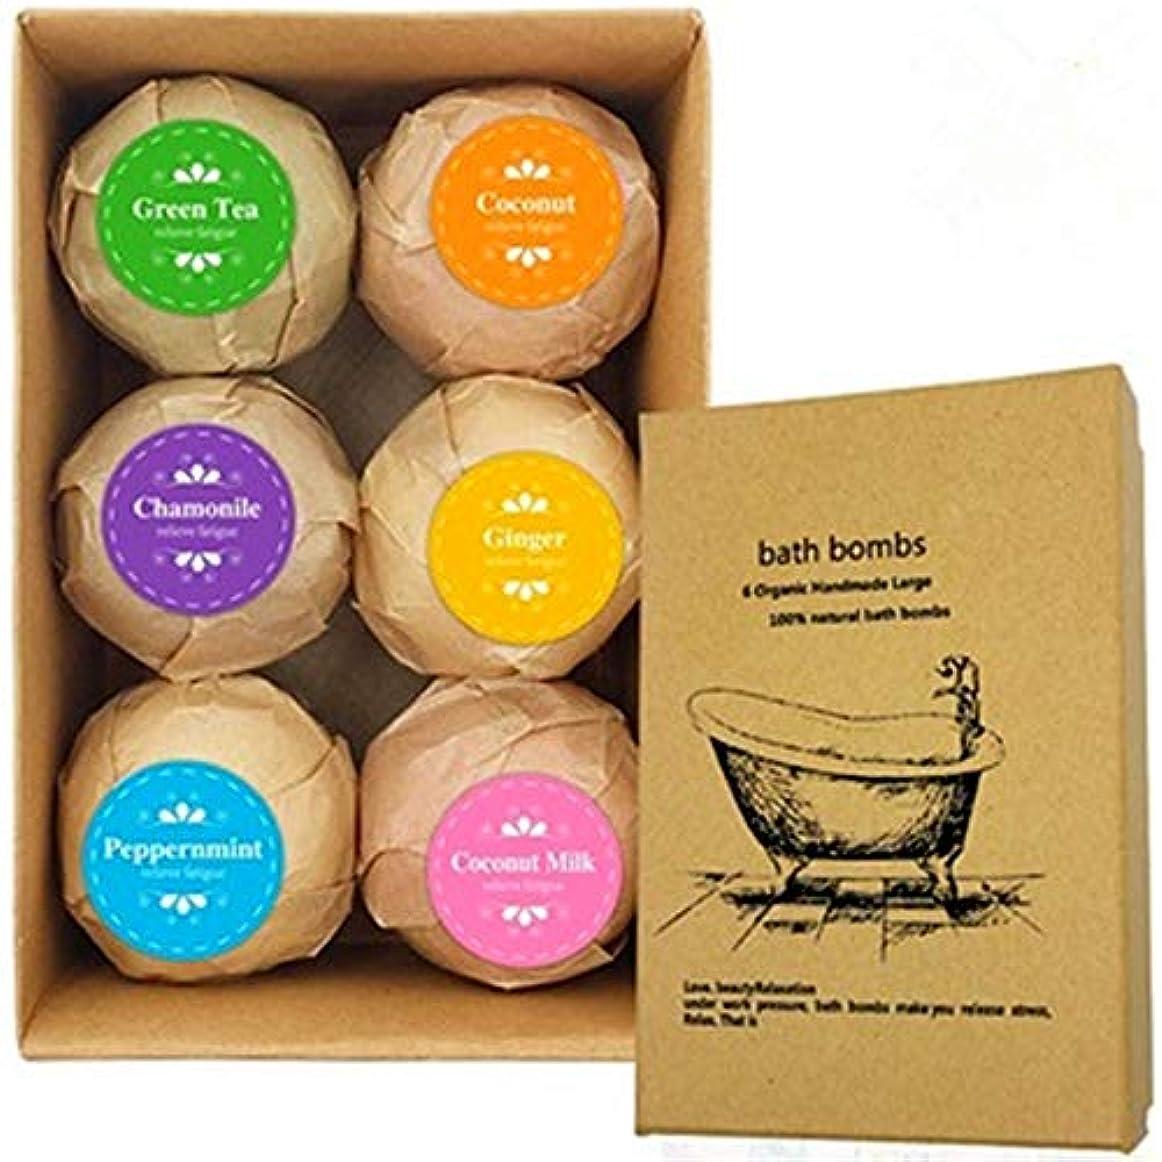 クレデンシャル災害事実上バスボム 入浴剤 炭酸 バスボール 6つの香り 手作り 入浴料 うるおいプラス お風呂用 入浴剤 ギフトセット6枚 贈り物 プレゼント最適